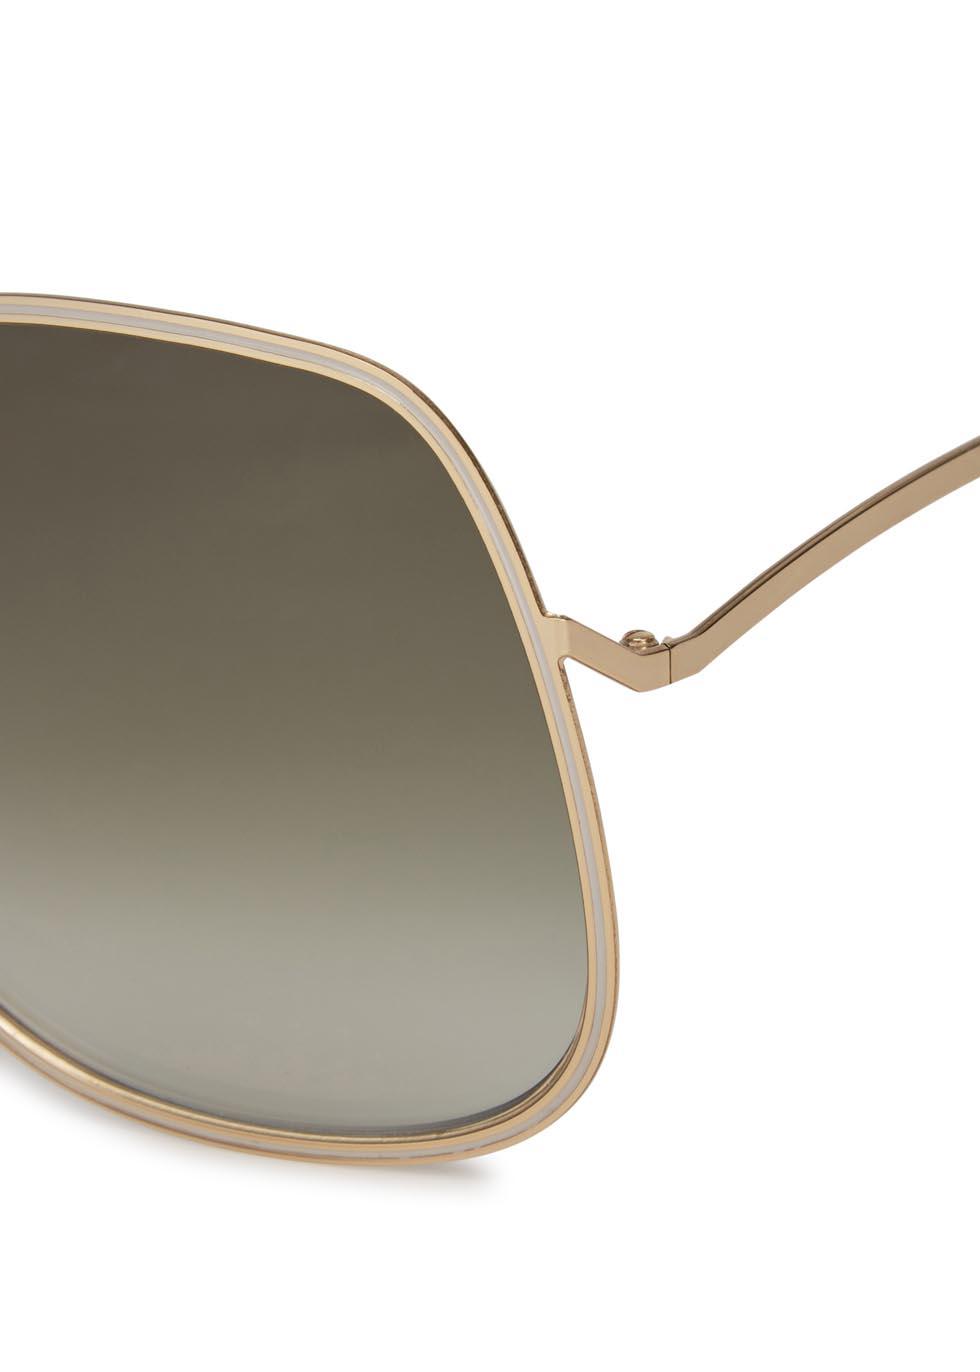 Enamel Wave gold tone oversized sunglasses - Victoria Beckham